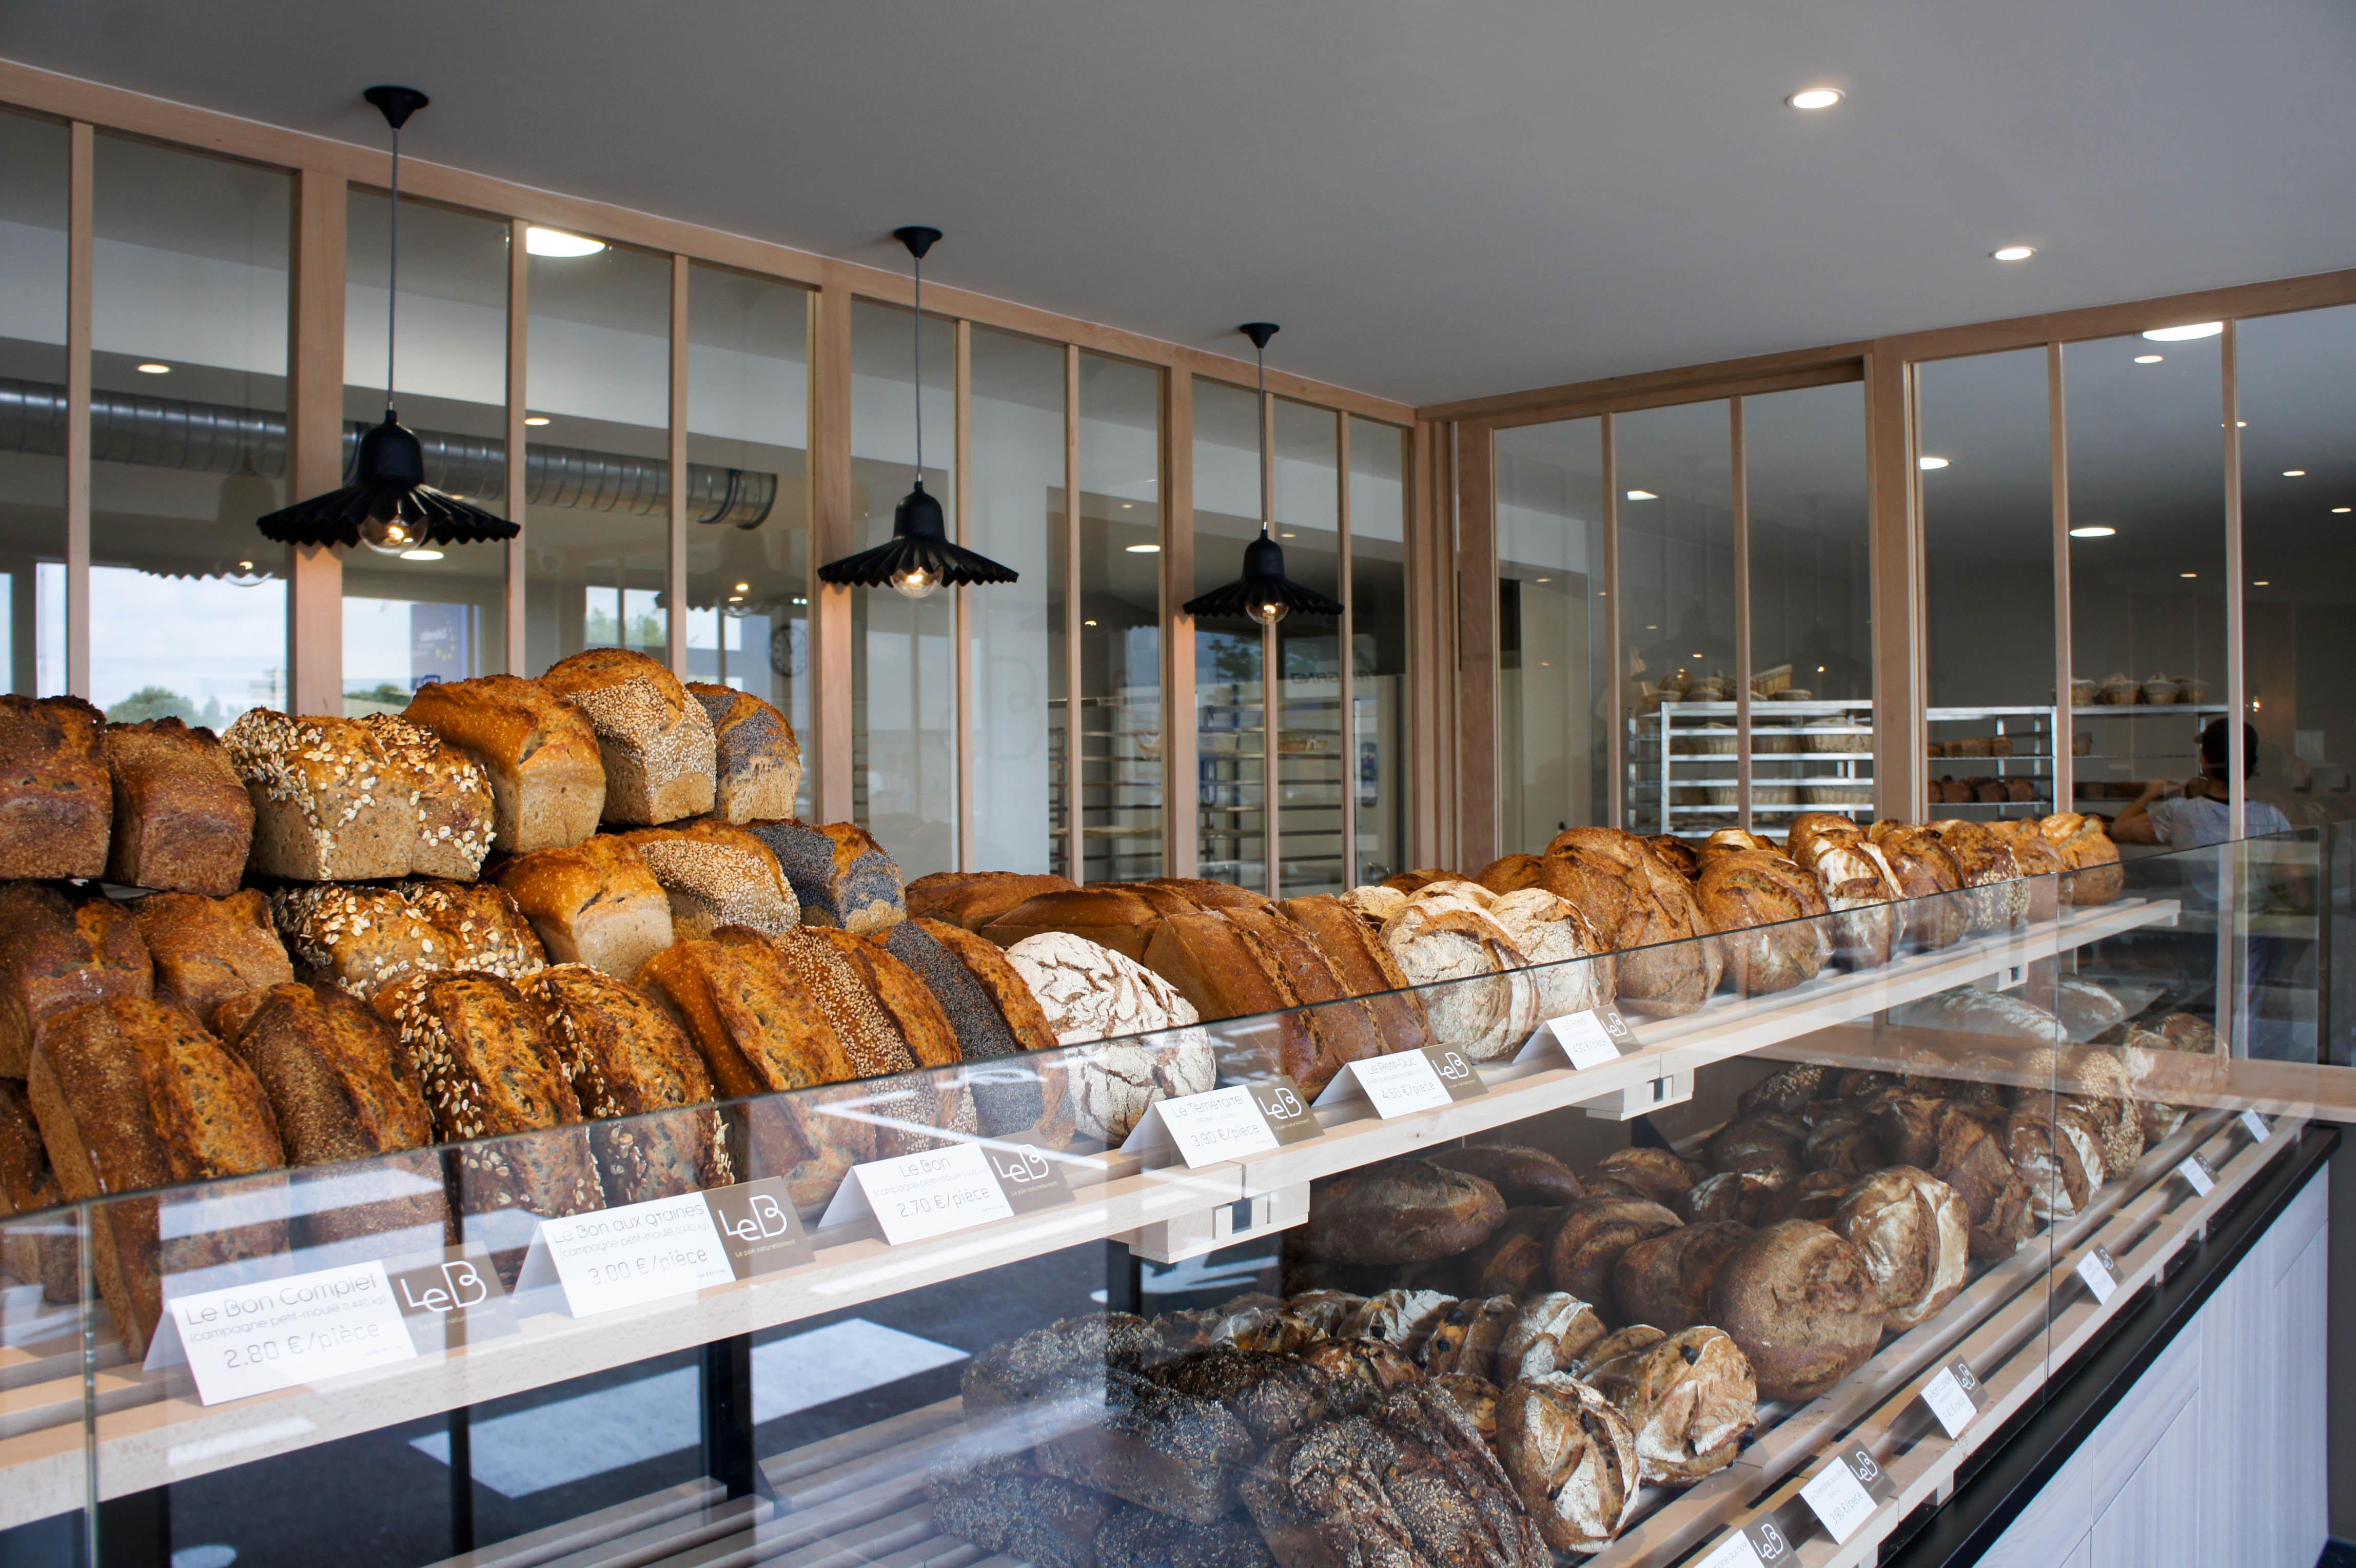 Le b ahuy 21 une boulangerie qui m rite un a painrisien for Baie vitree industrielle